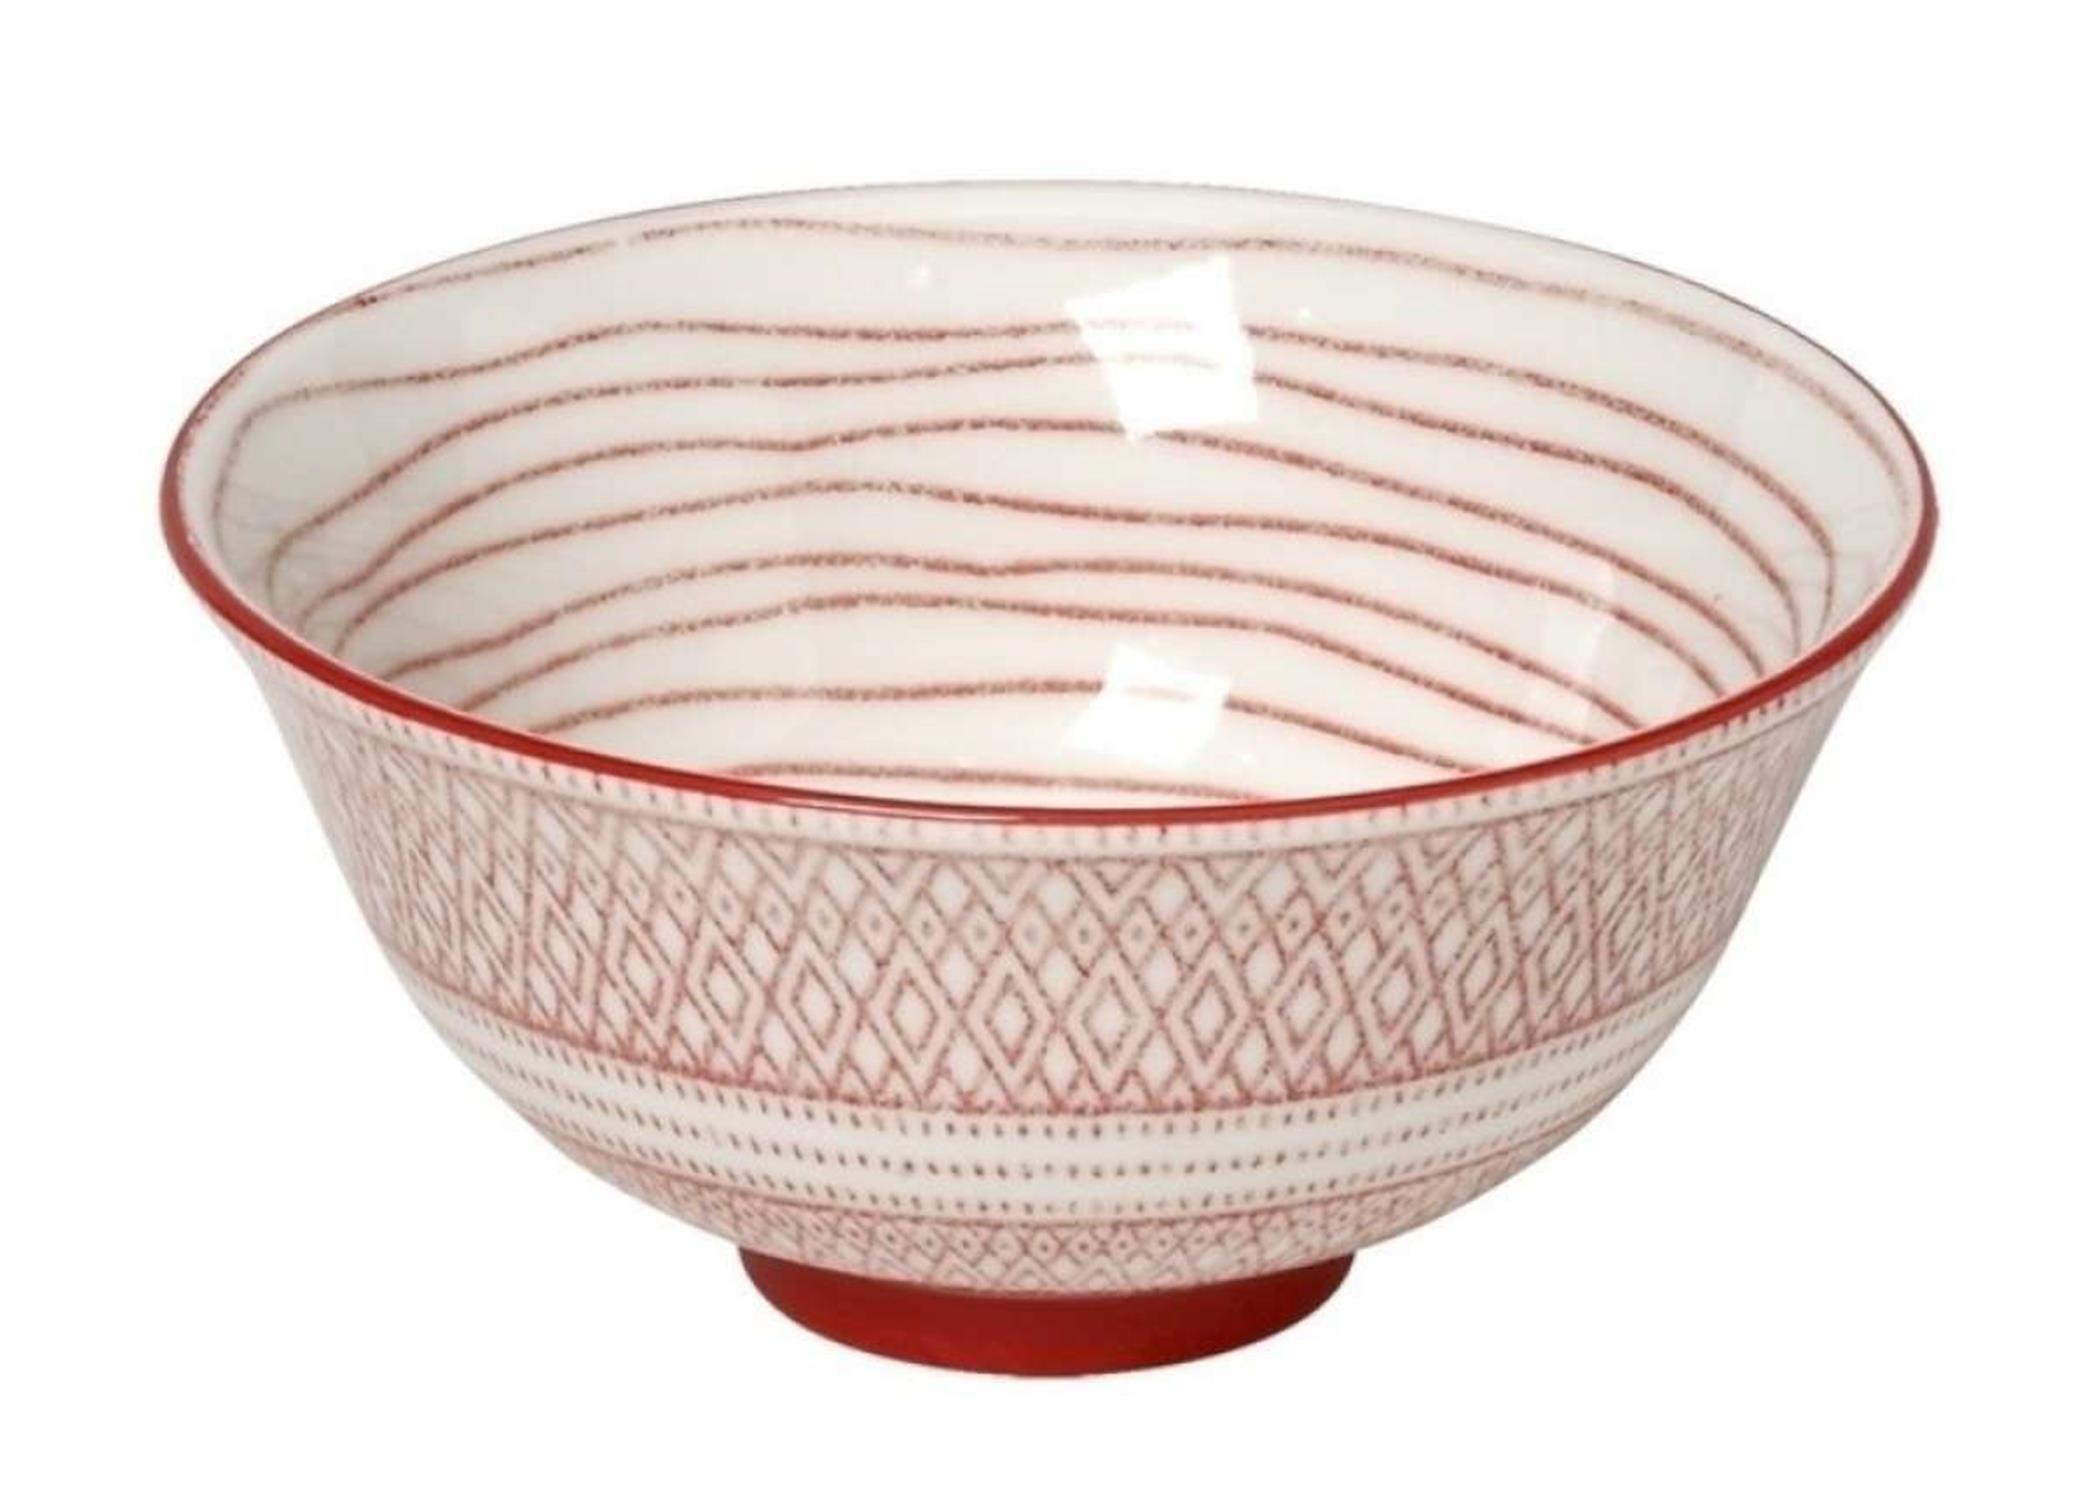 Μπωλ Charlotte stoneware κόκκινο/λευκό 17x17x8.3cm Espiel GUI353K6